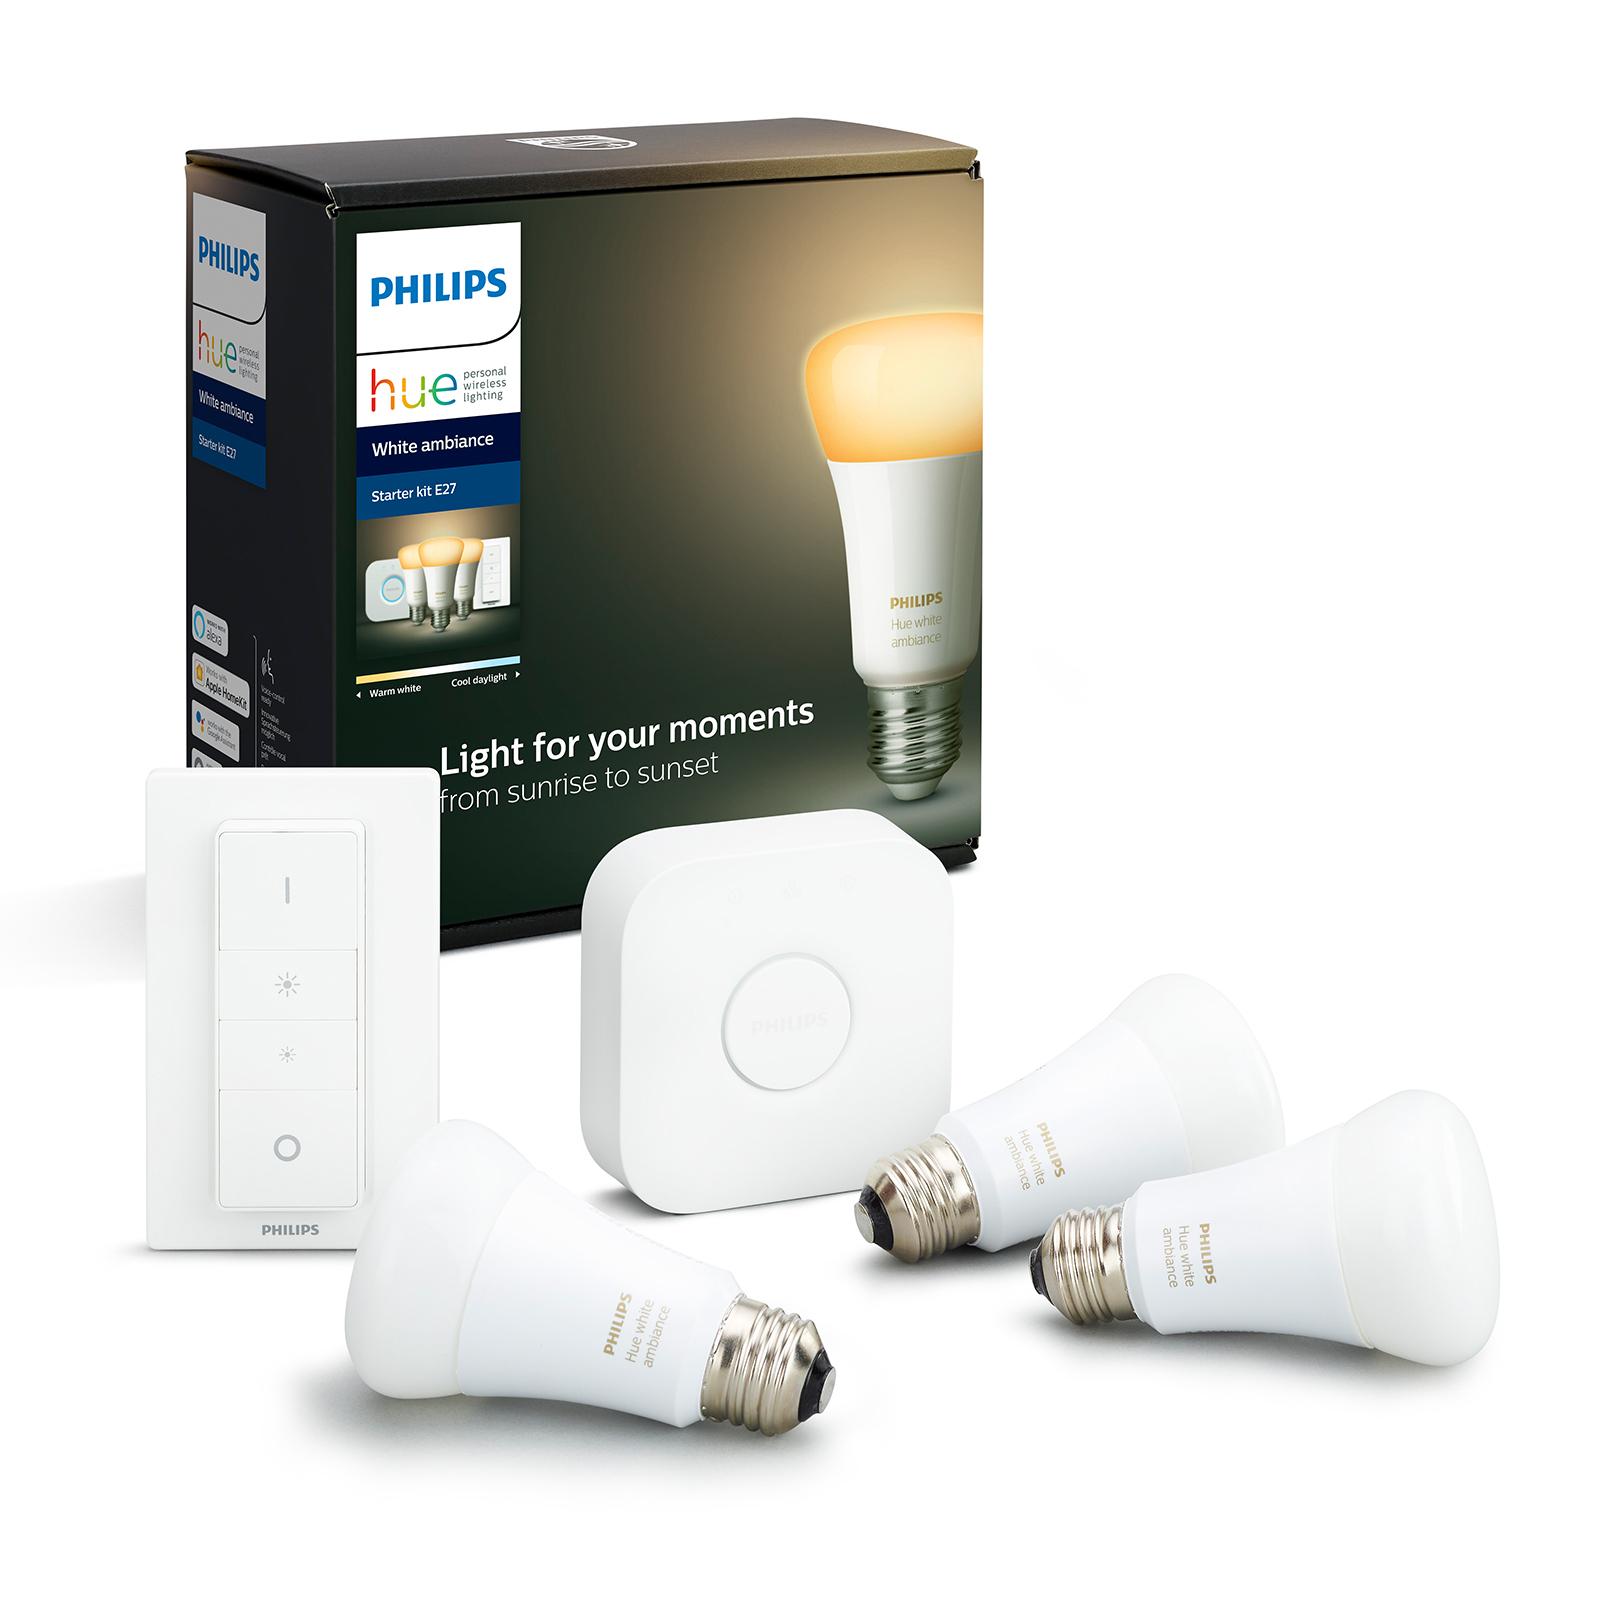 Philips Hue White Ambiance E27 3st start-set